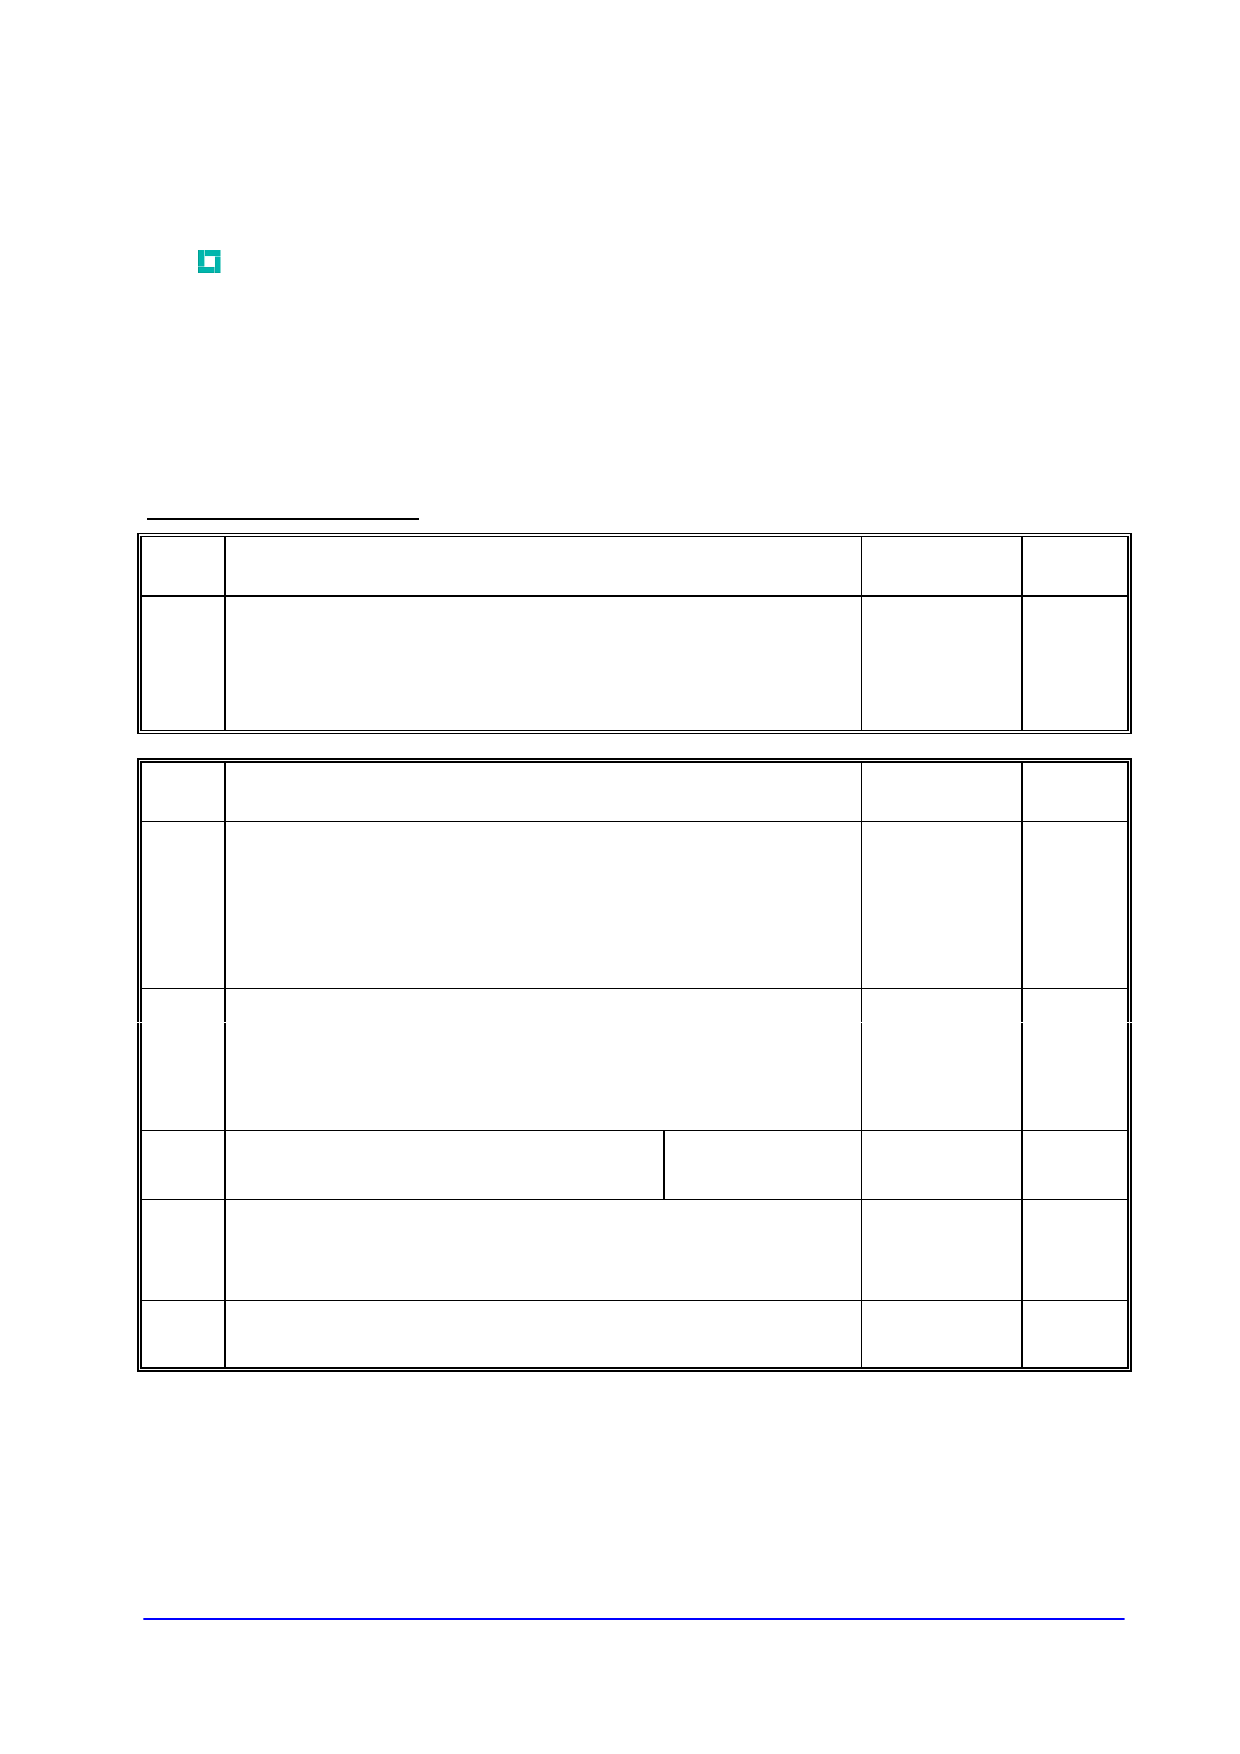 K0443LC600 datasheet